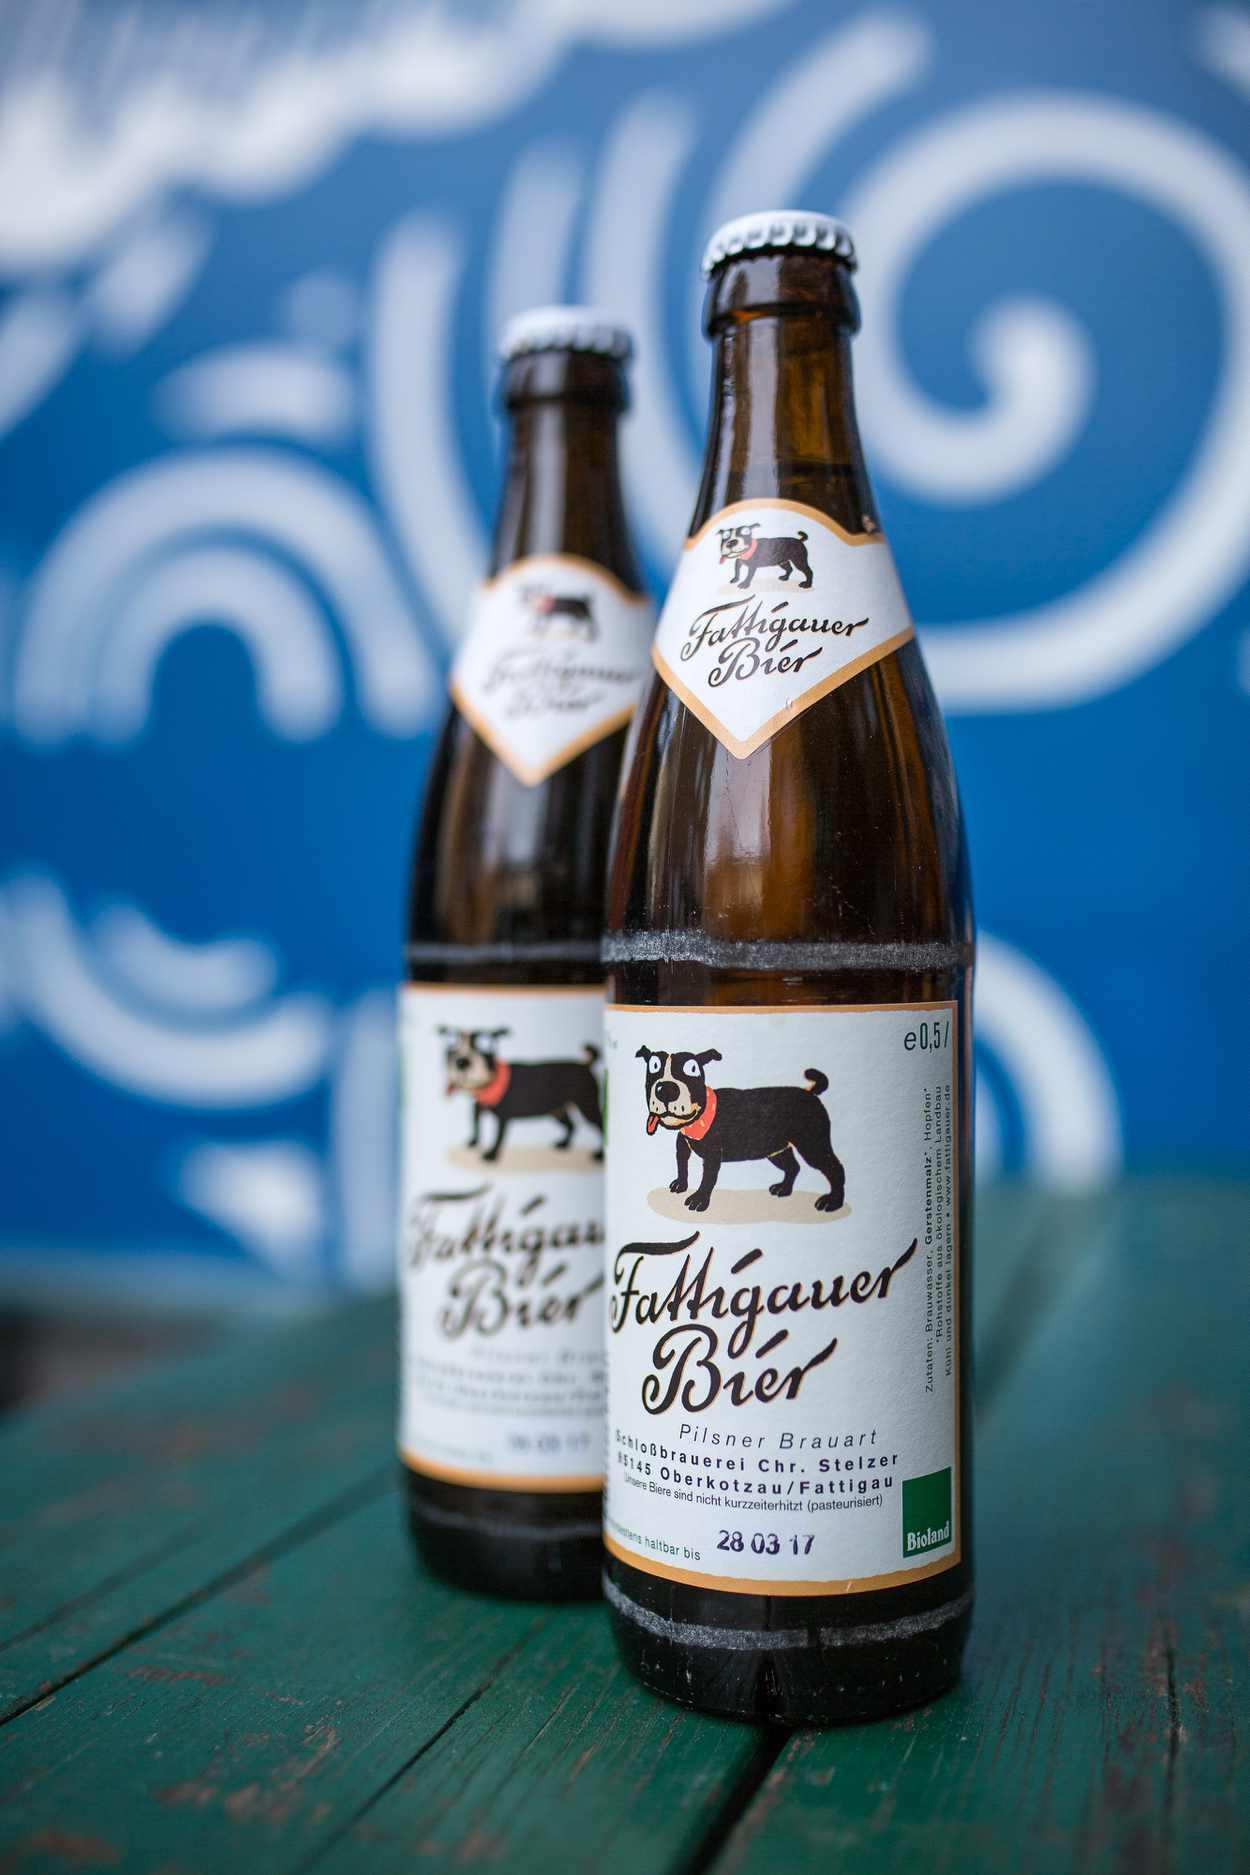 Aufnahme einer Flasche des Fattigauer Bieres.